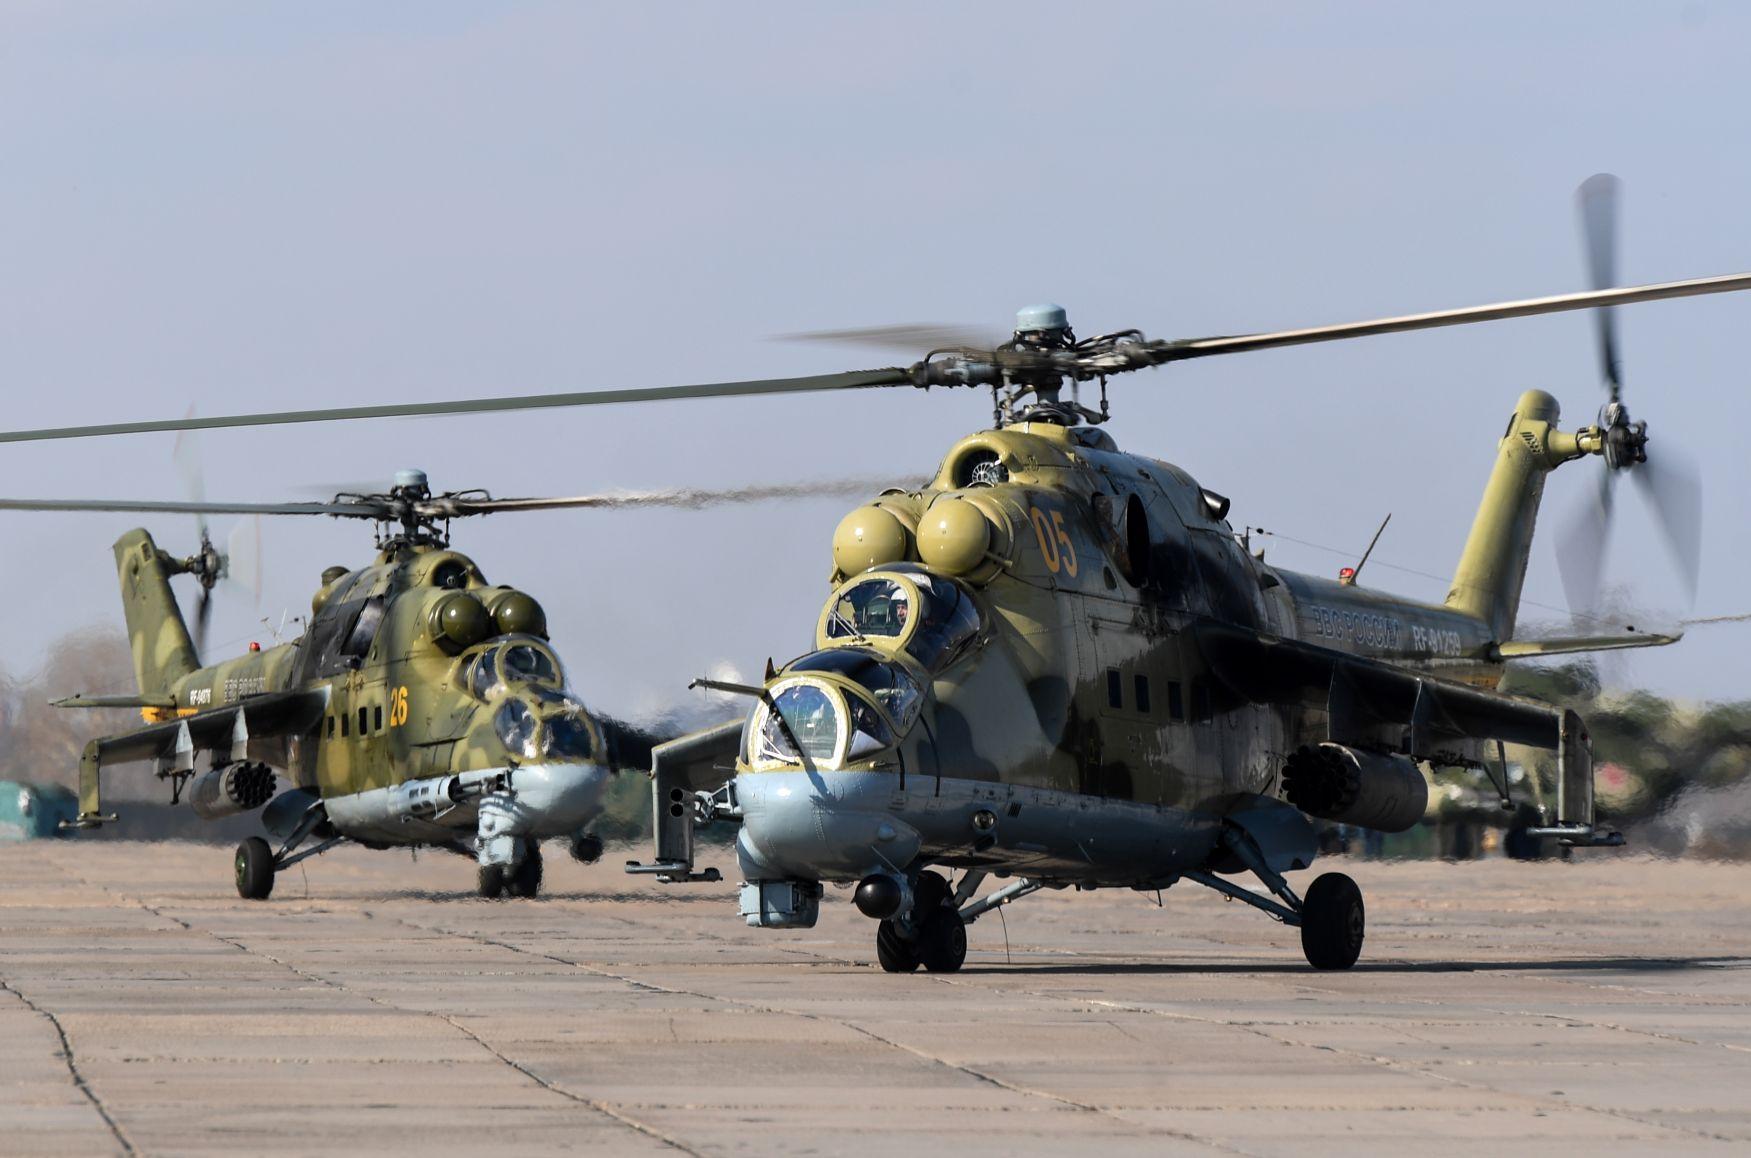 Пентагон намерен приобрести российские Ми-24 для обучения инструкторов США